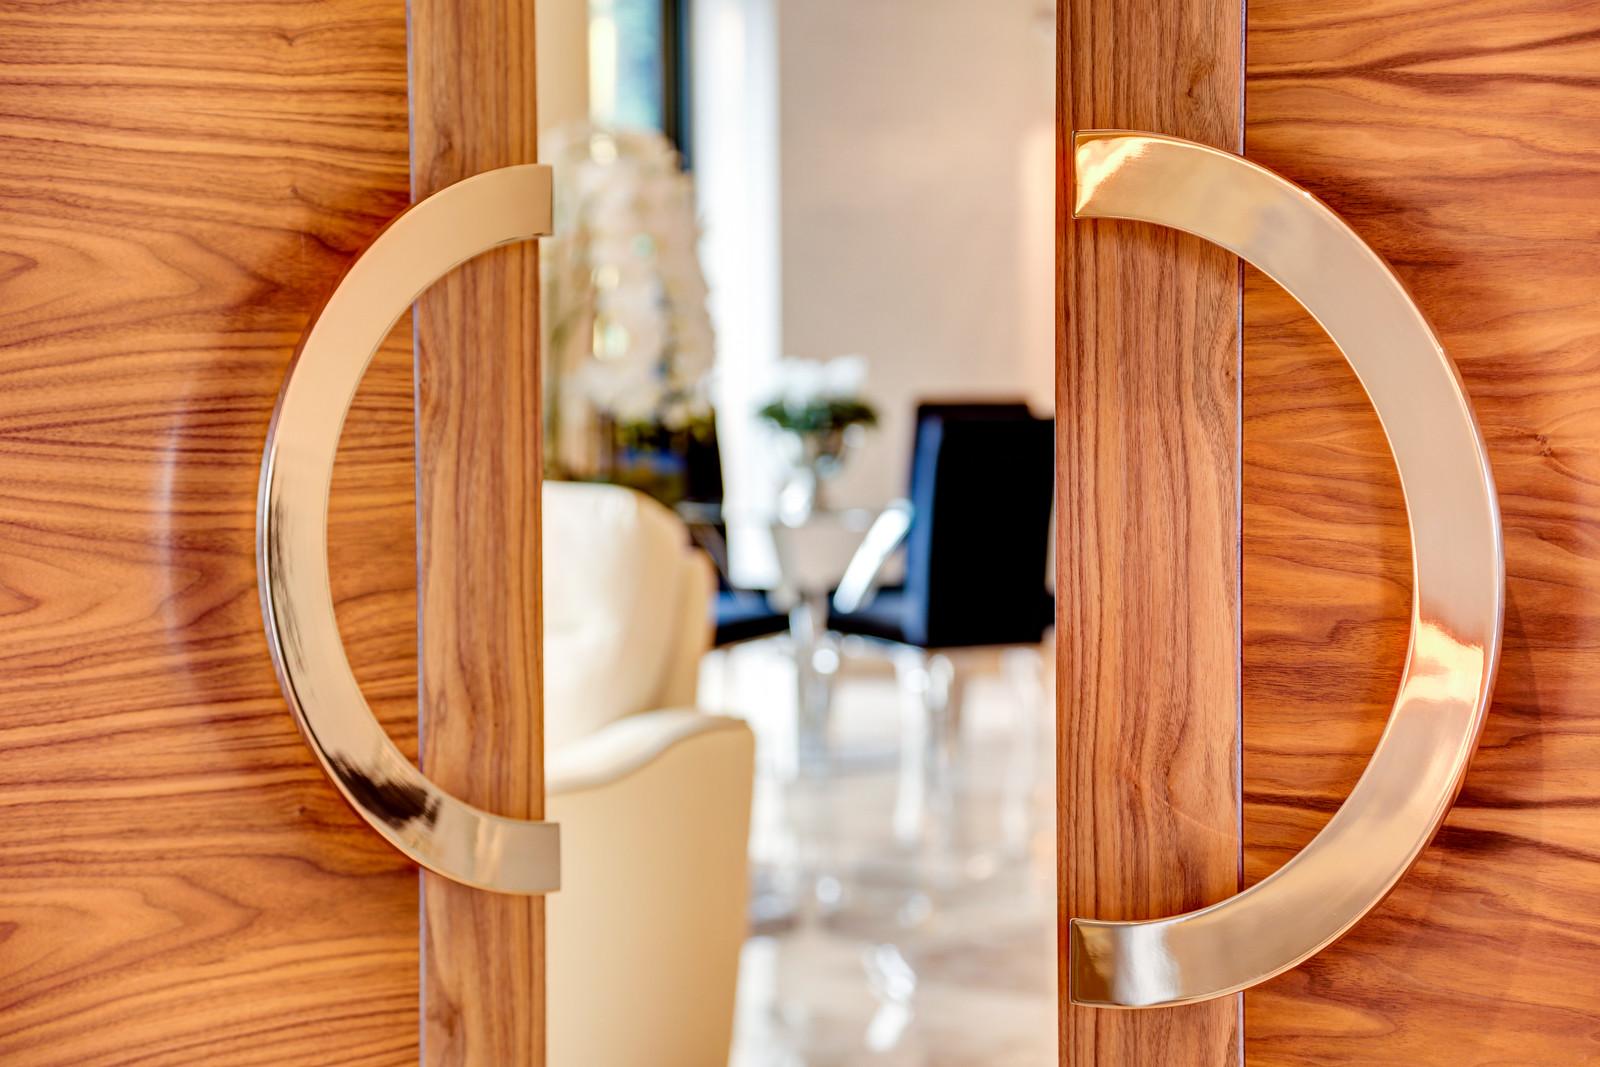 Home furnishings, designer homewares, doorway